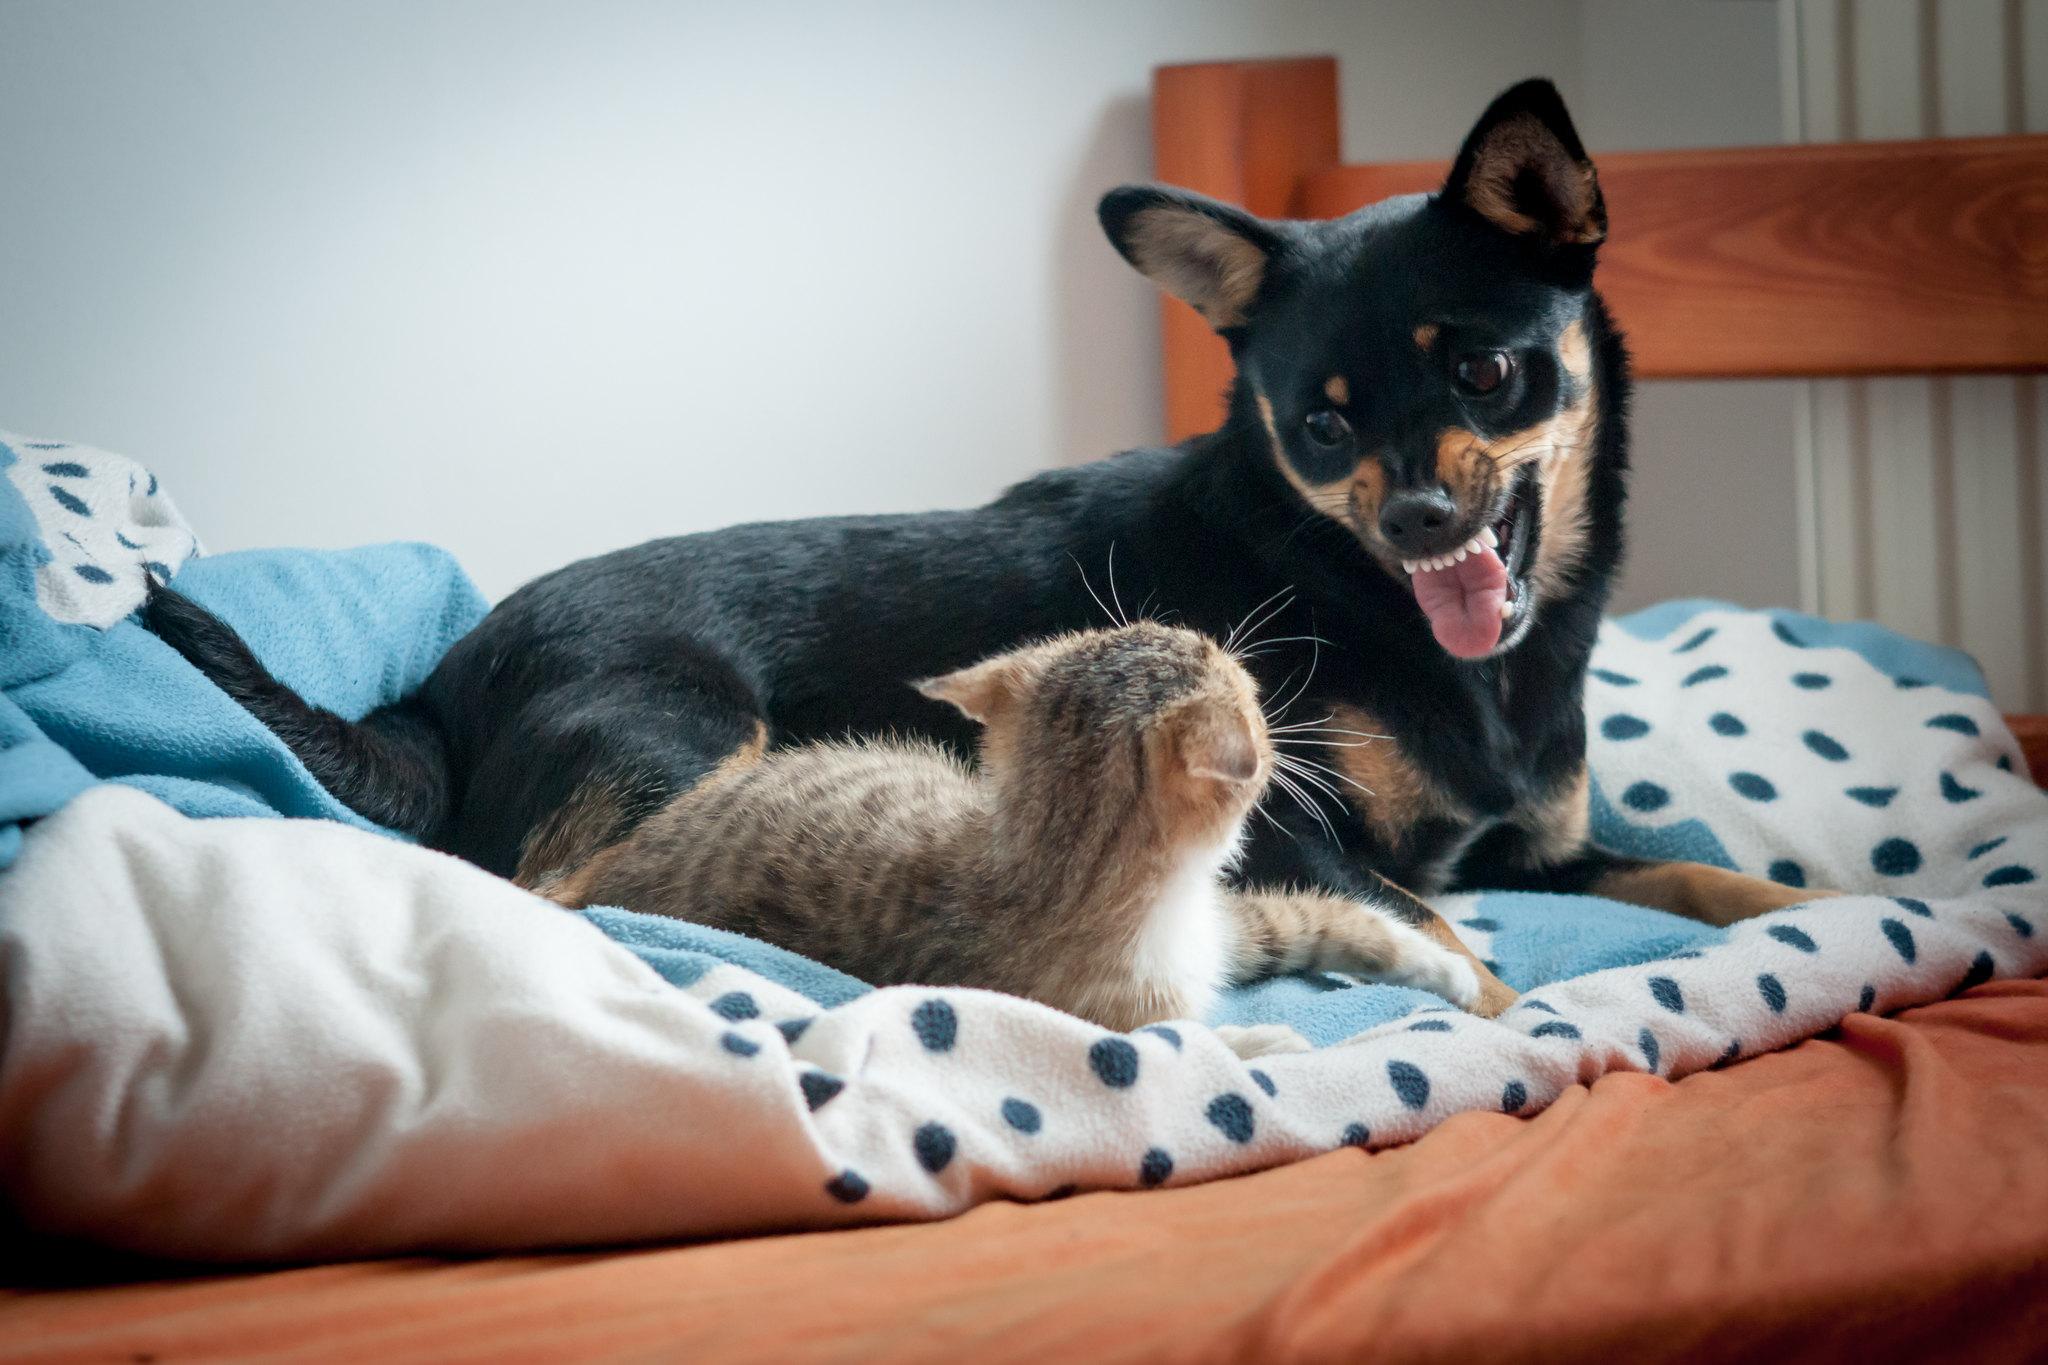 mar multi-pet com cachorro e gato brigando em cima da cama